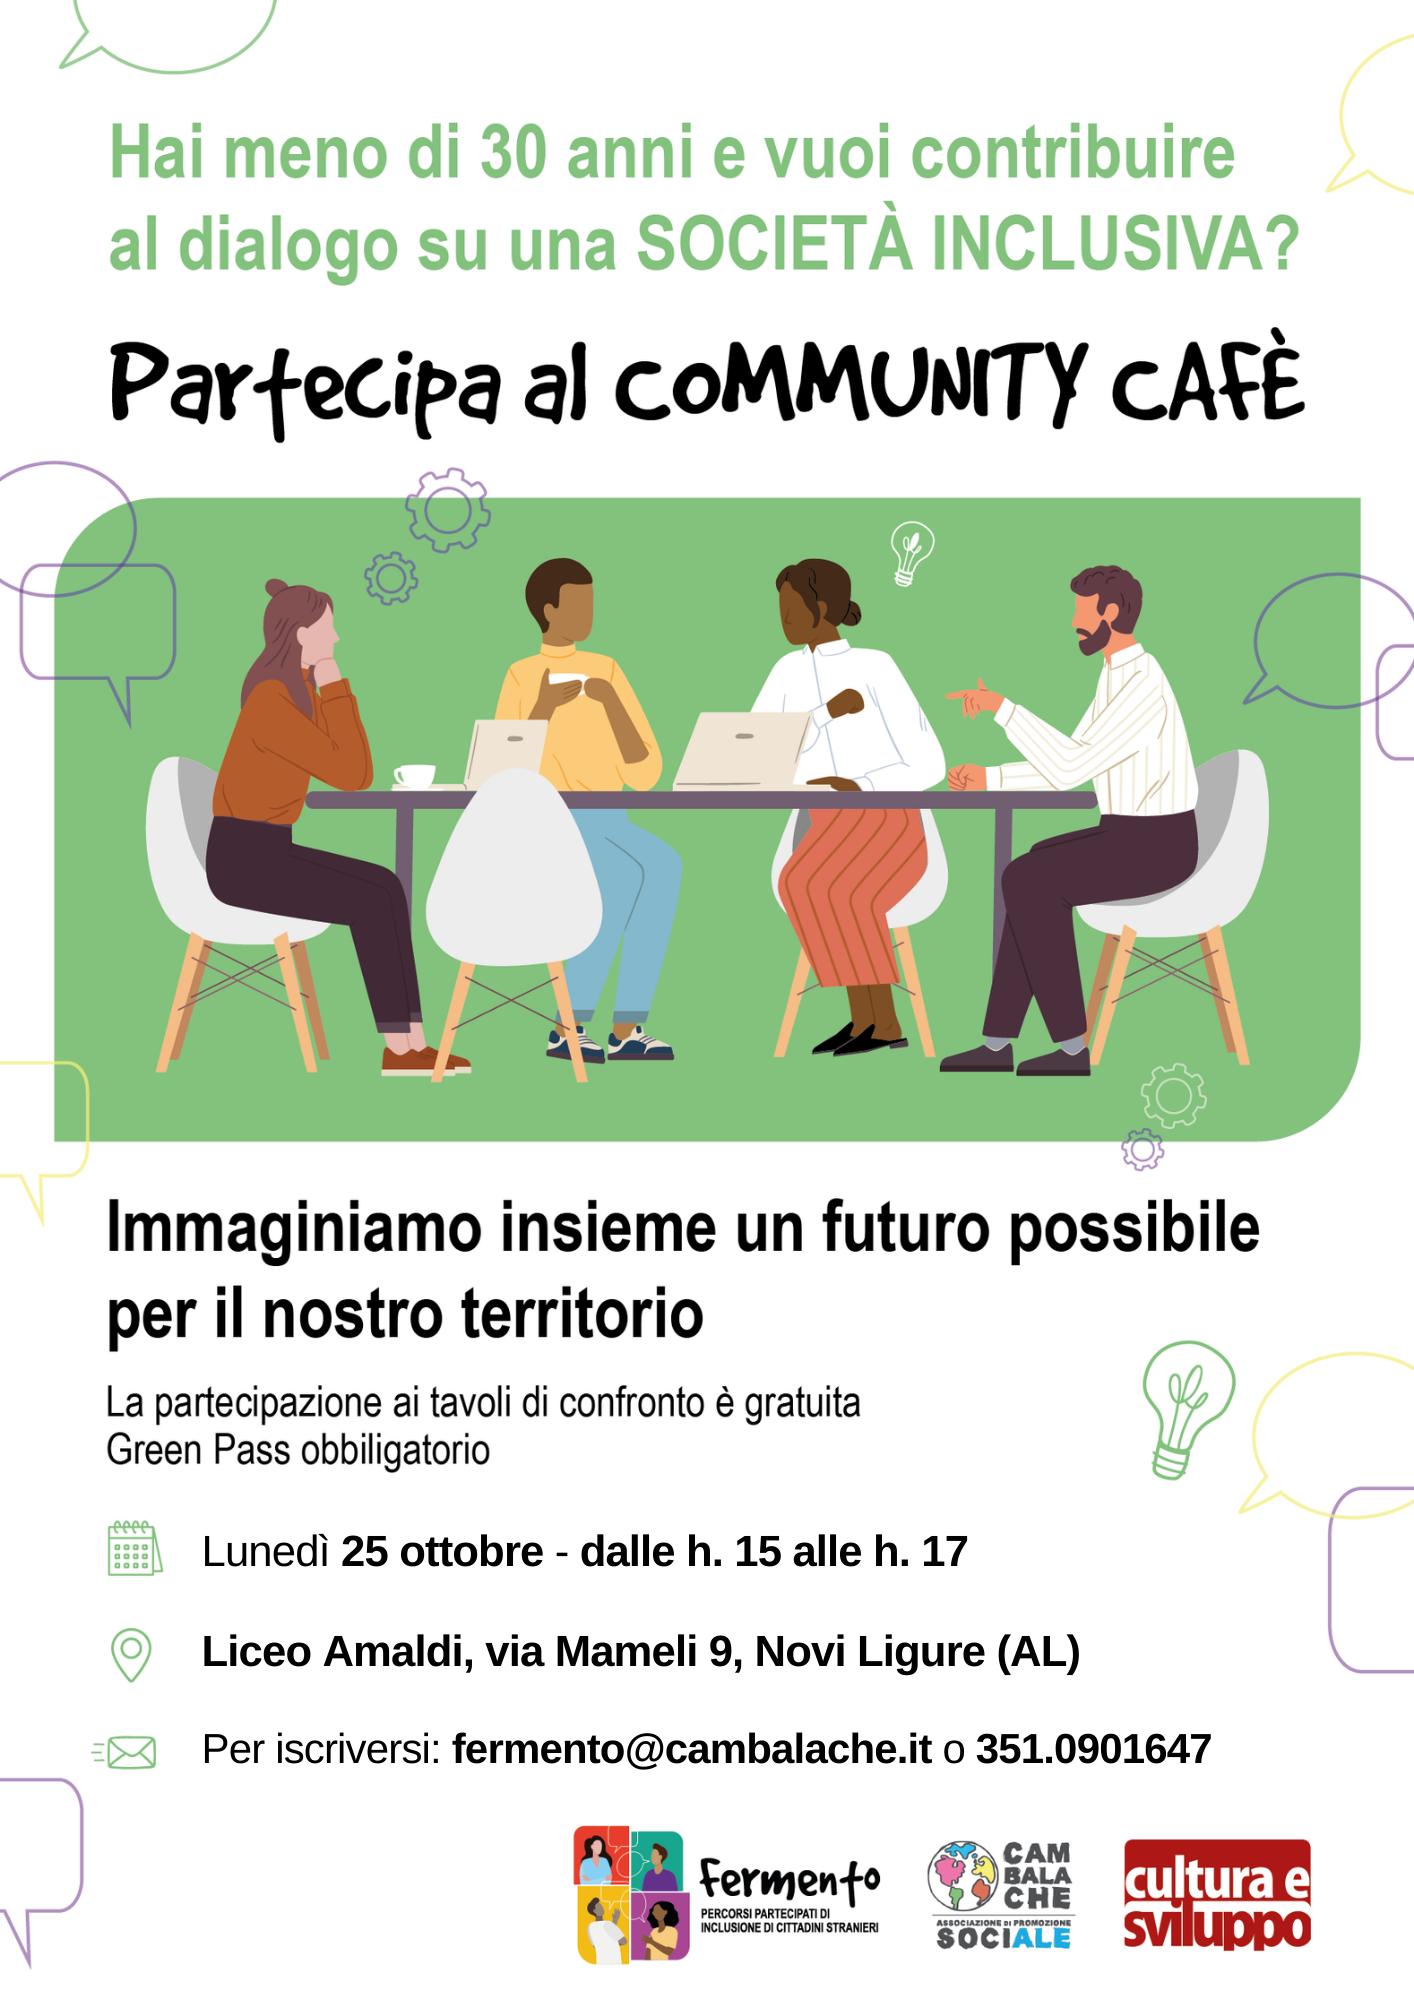 Un futuro inclusivo per il nostro territorio: partecipa ai Community Cafè!